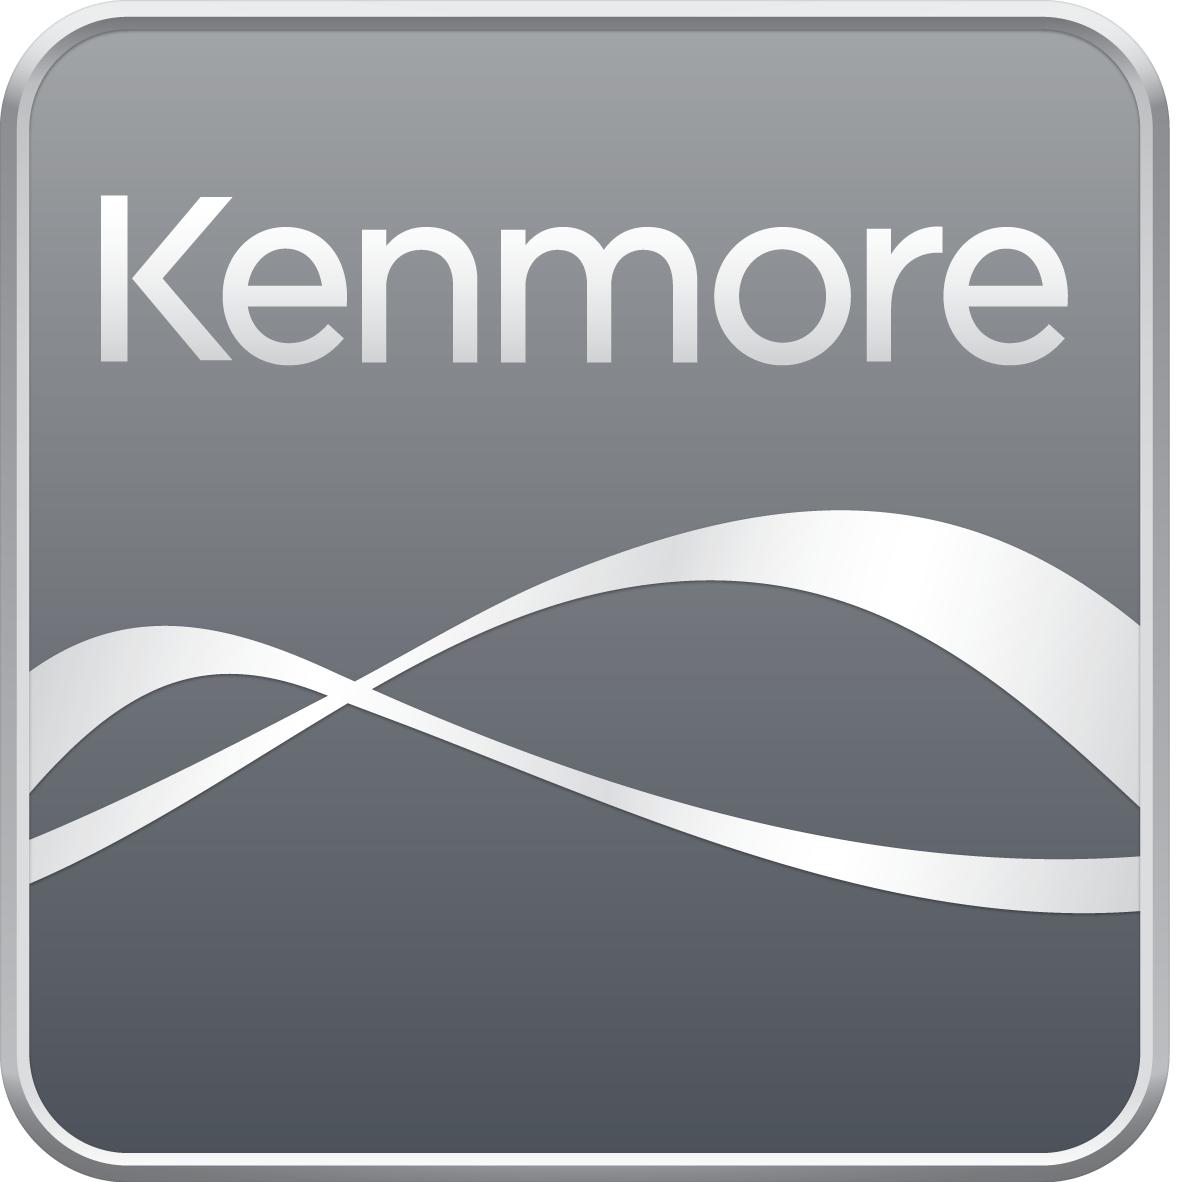 kenmore. kenmore